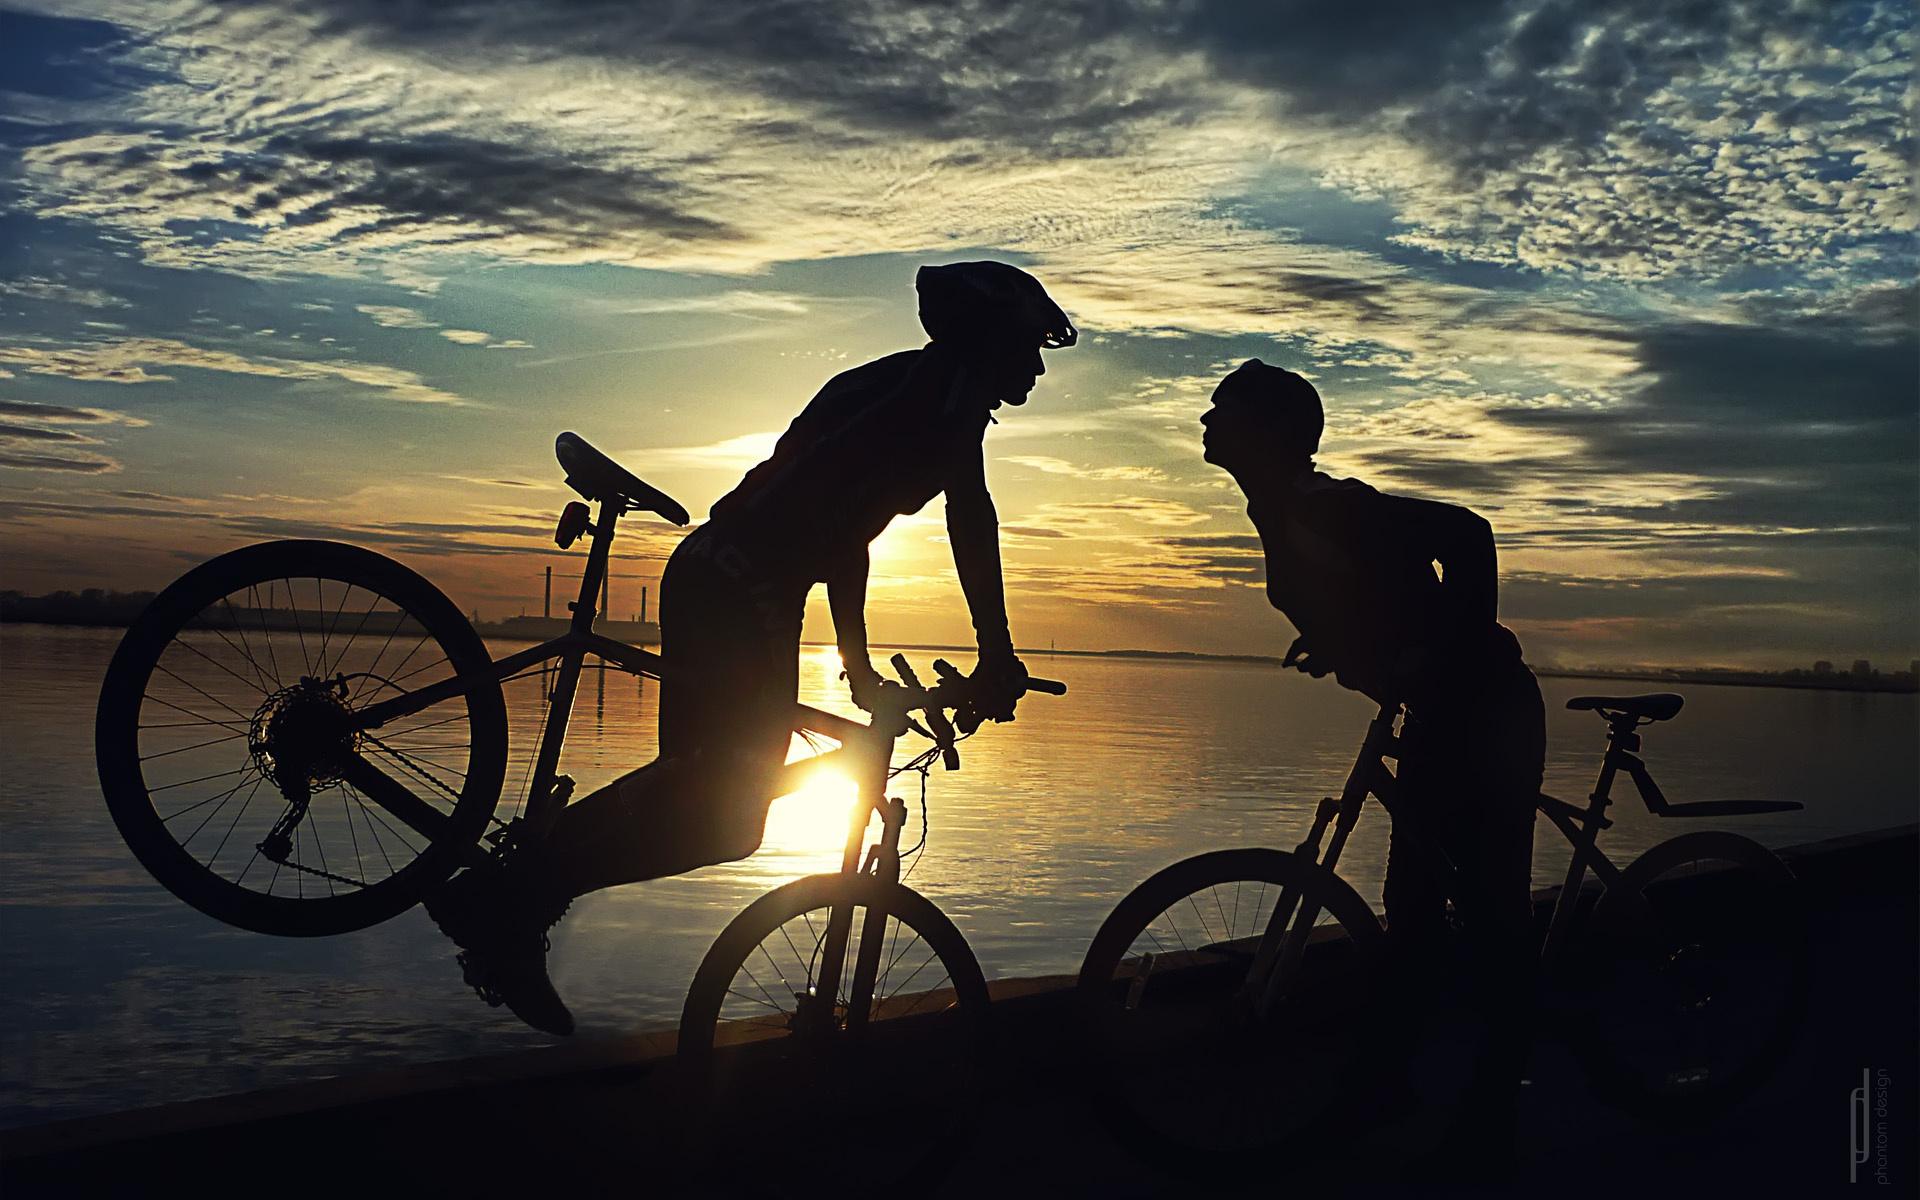 описании сайта картинка два велосипеда попрощалась роскошными локонами